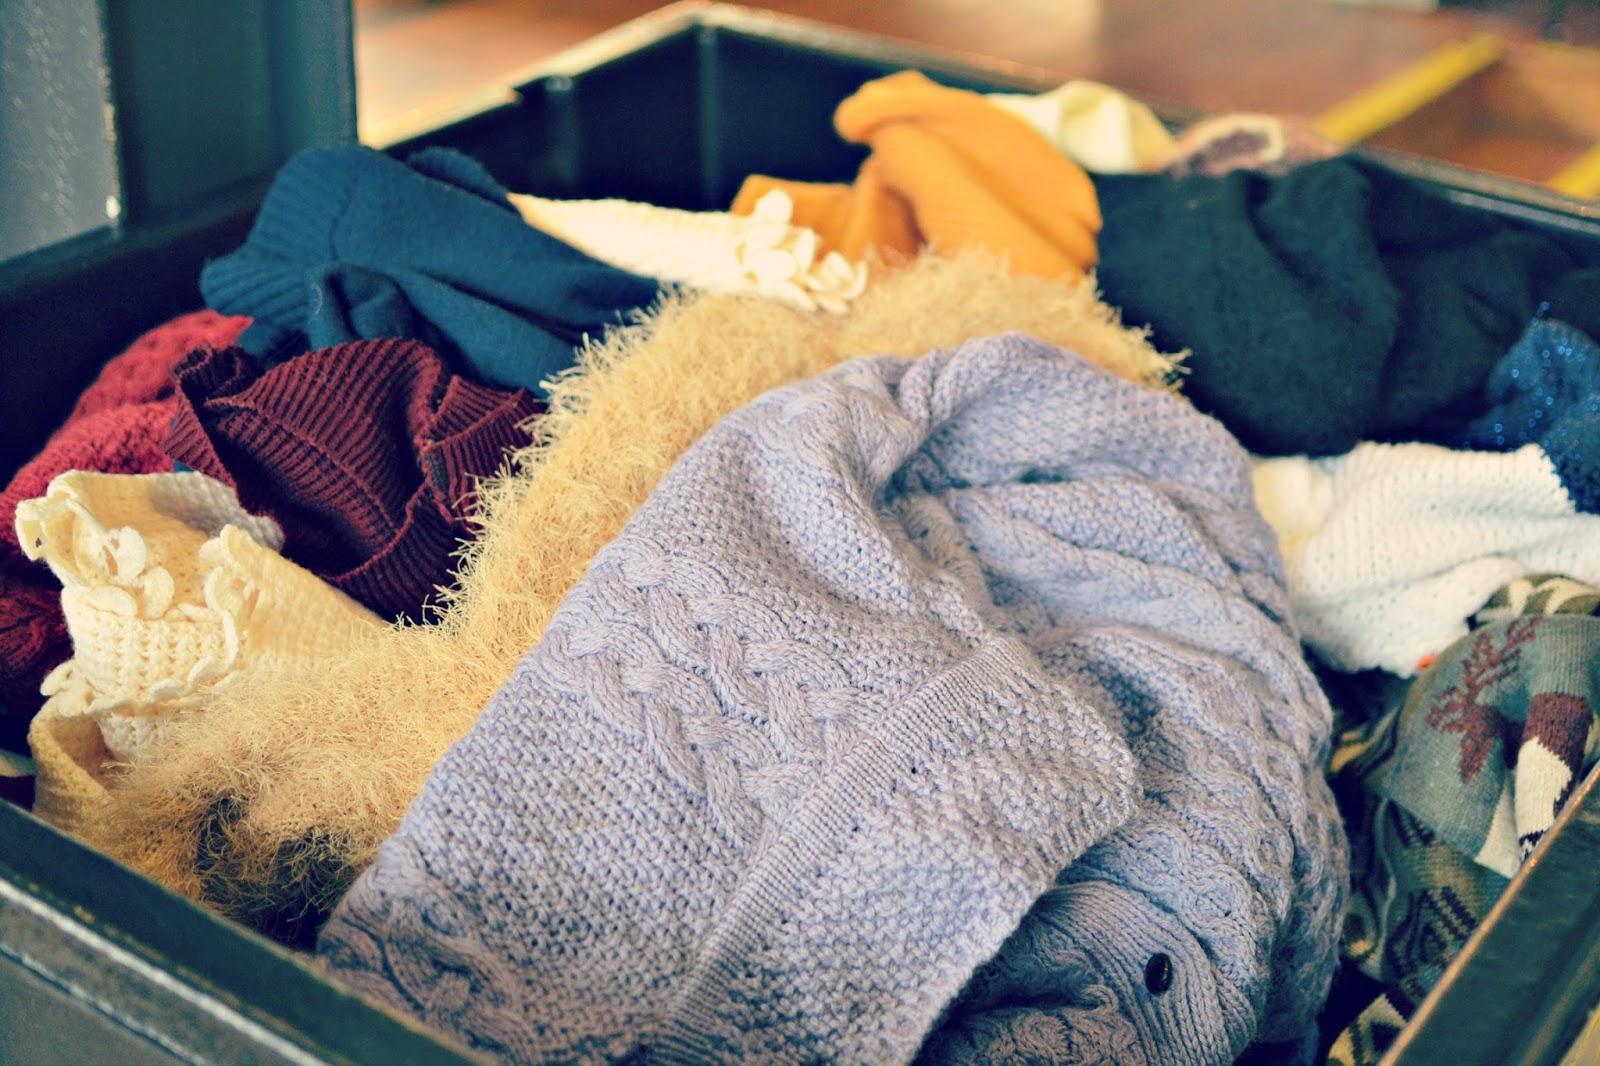 vintage kilo sale knitwear